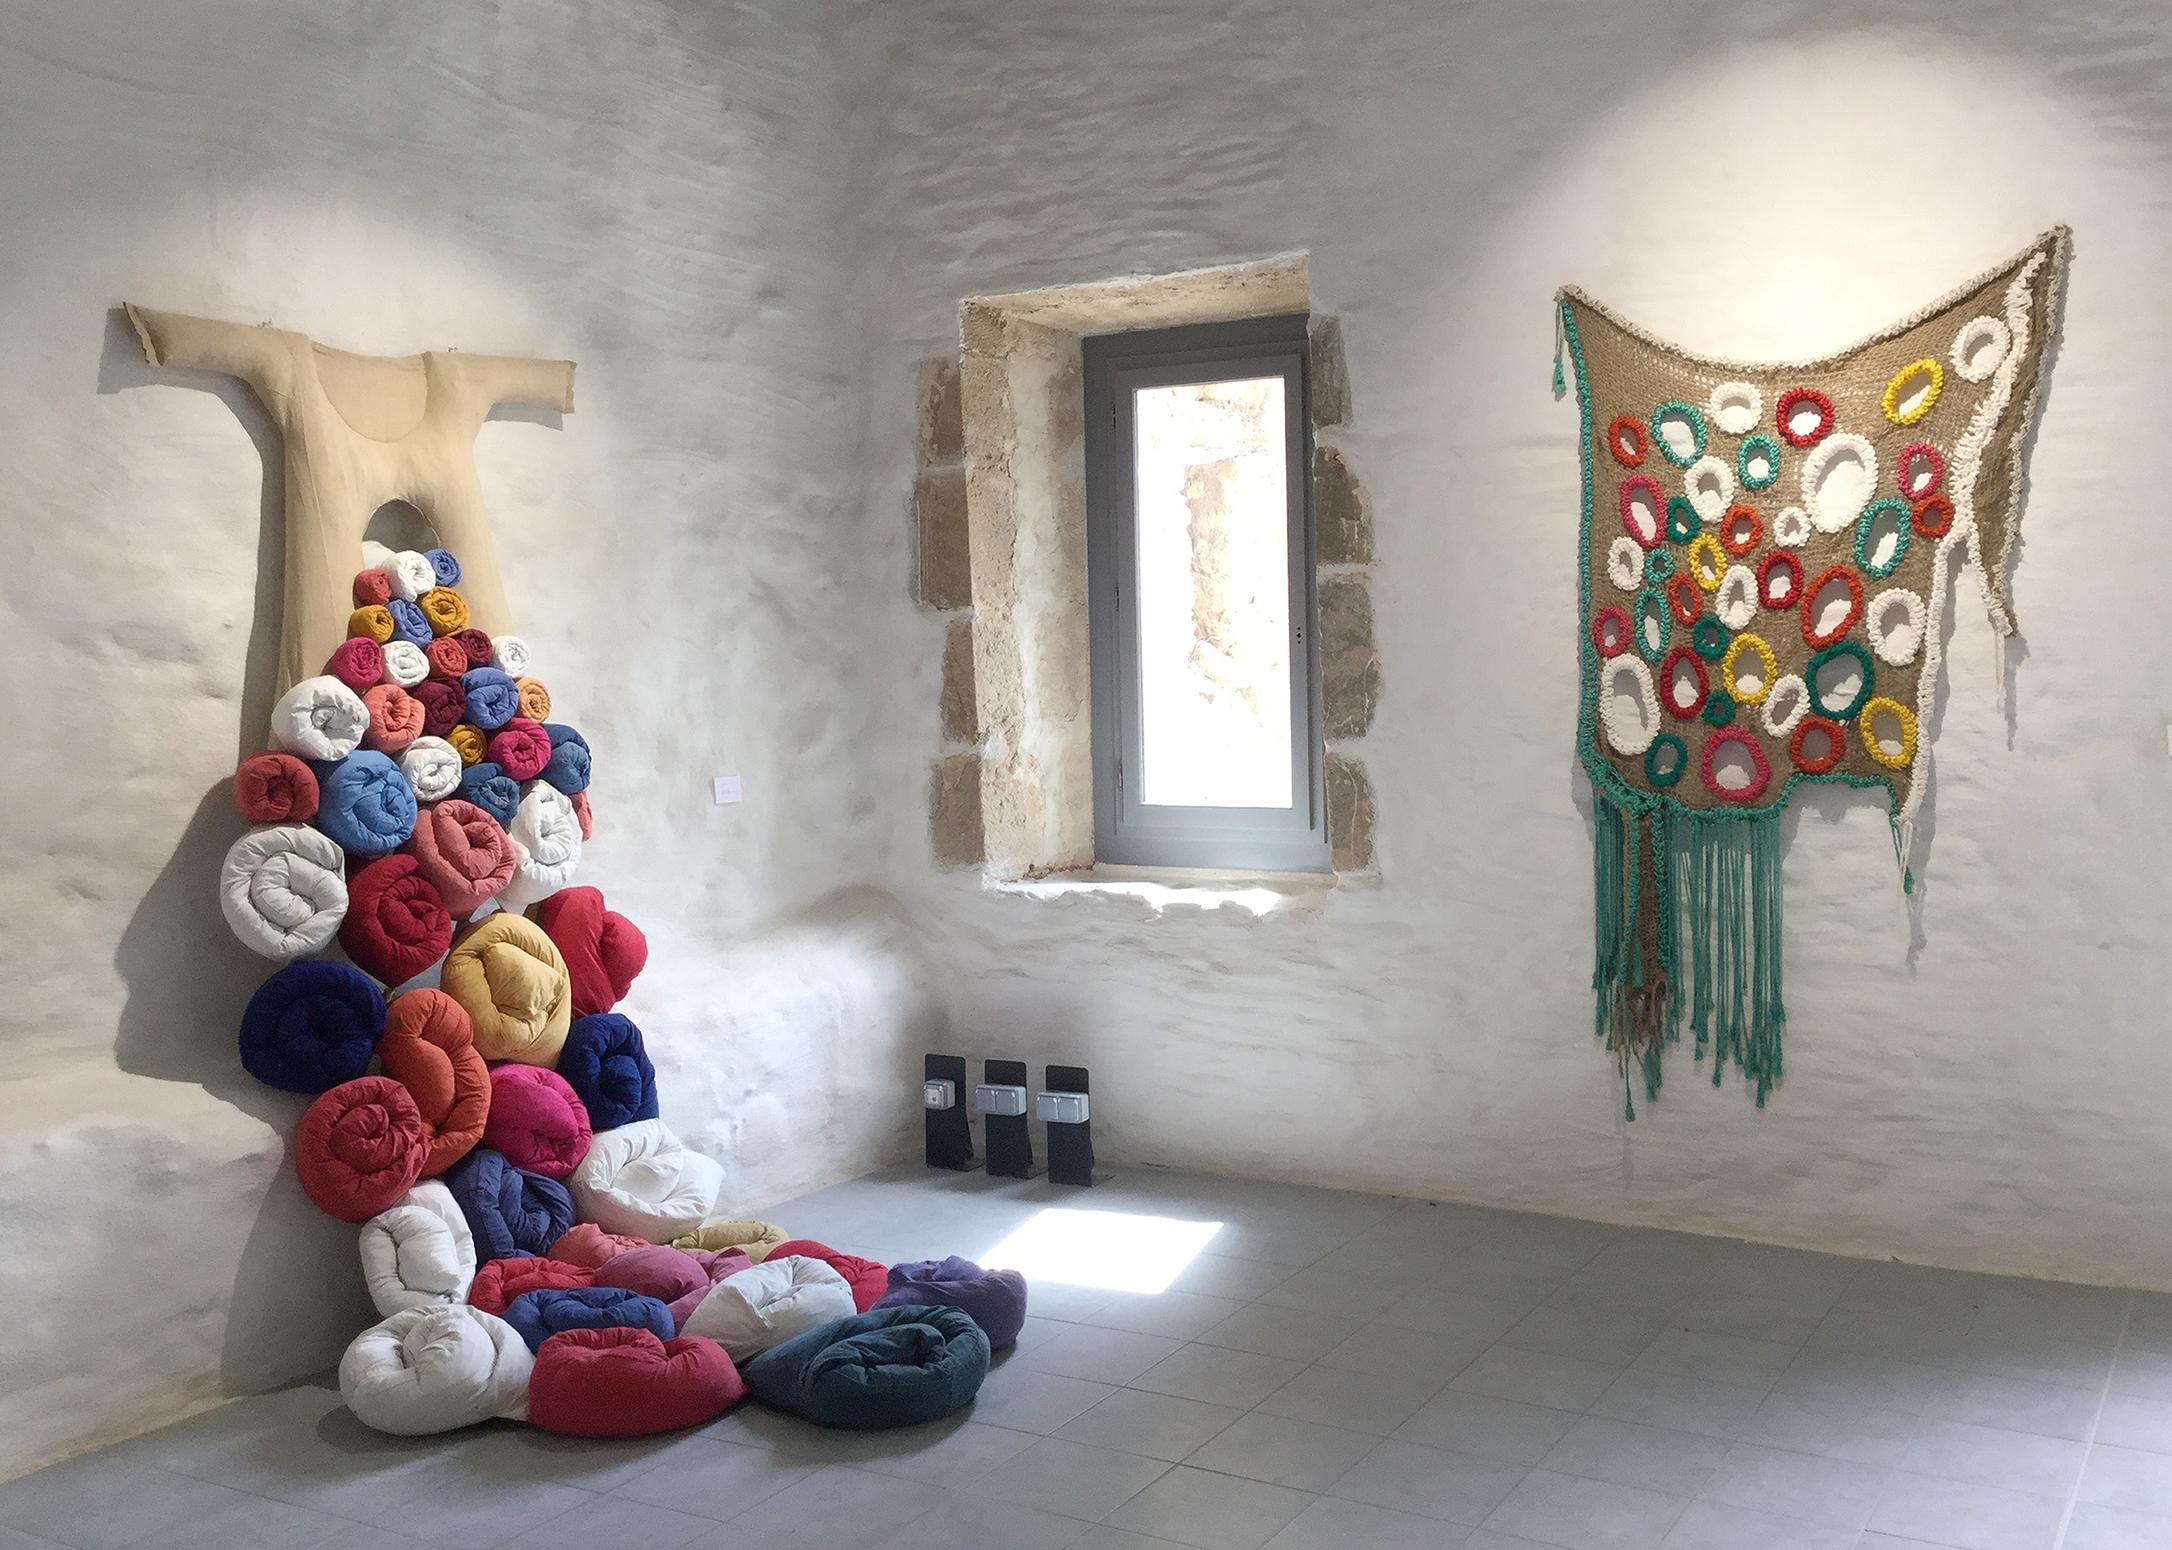 primavera-y-la-feria.-exposition-artistes-a-suivre-chateau-de-bugarach-2017